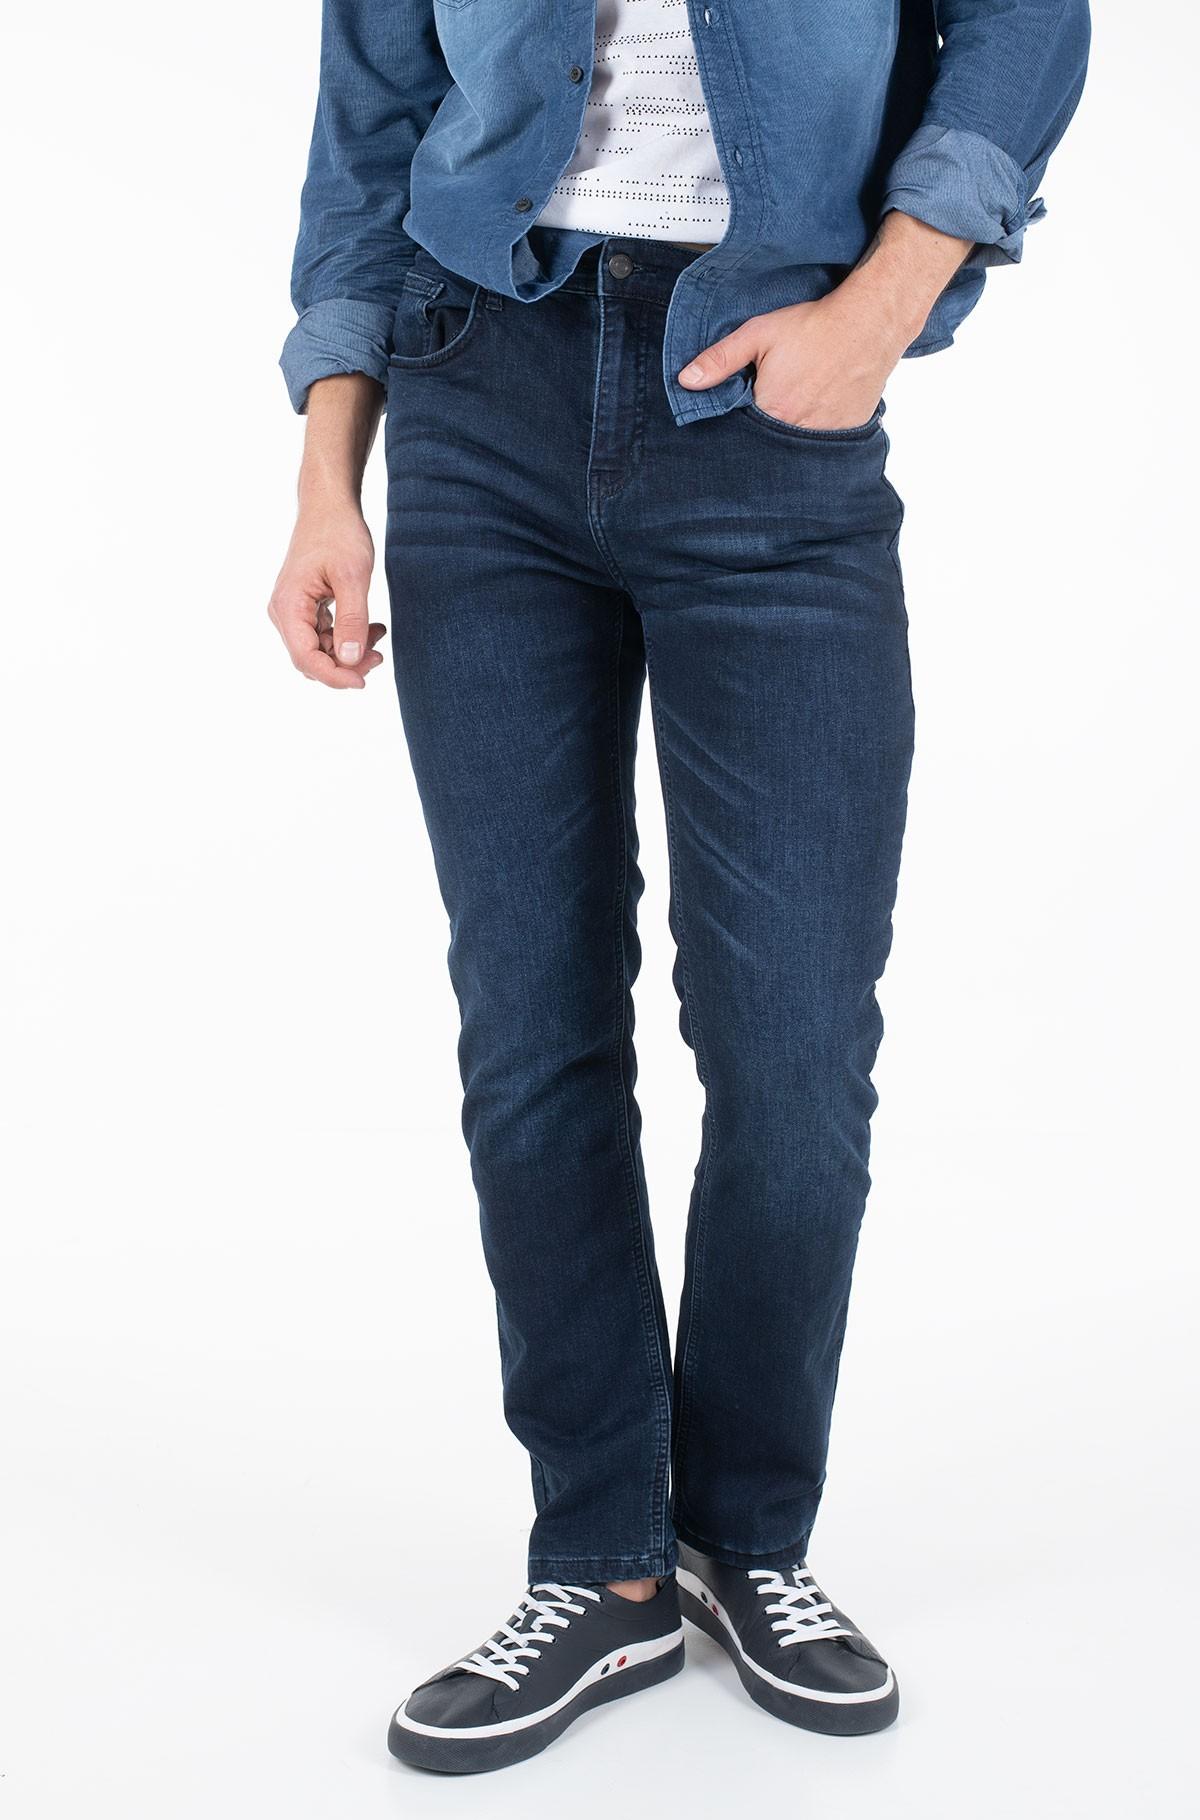 Jeans Patrick-L-full-1